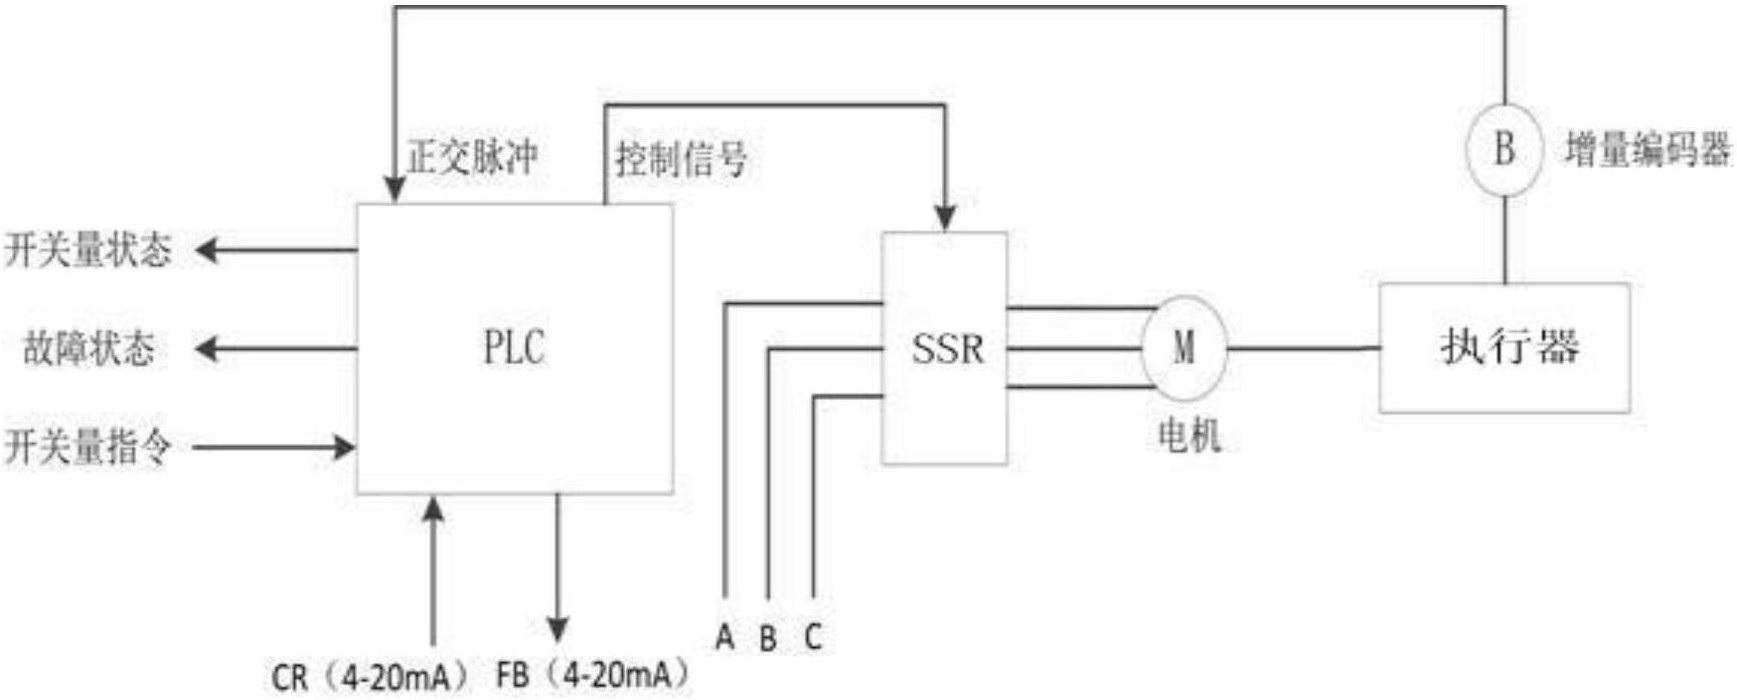 所述固态继电器采用三相正反转固态继电器.